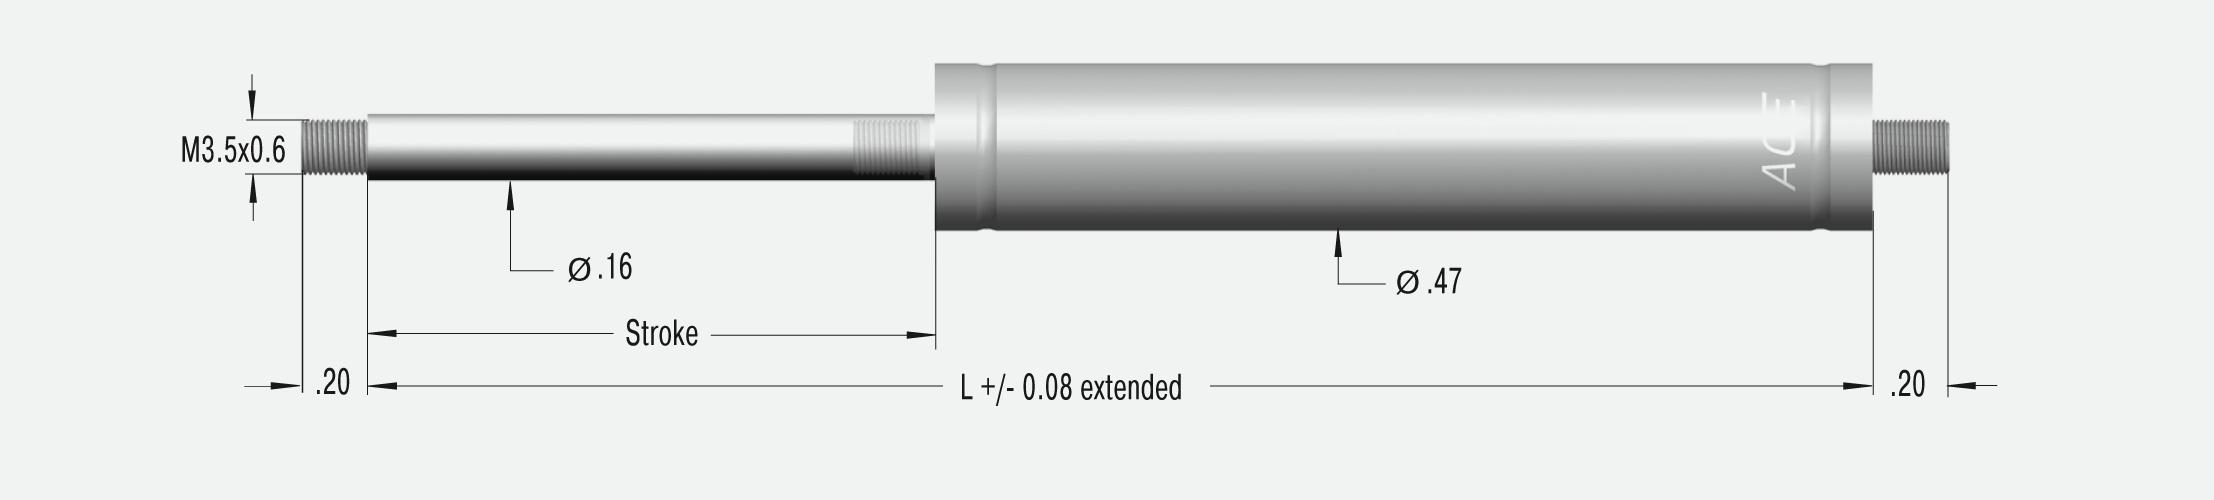 GS-12-50-V4A